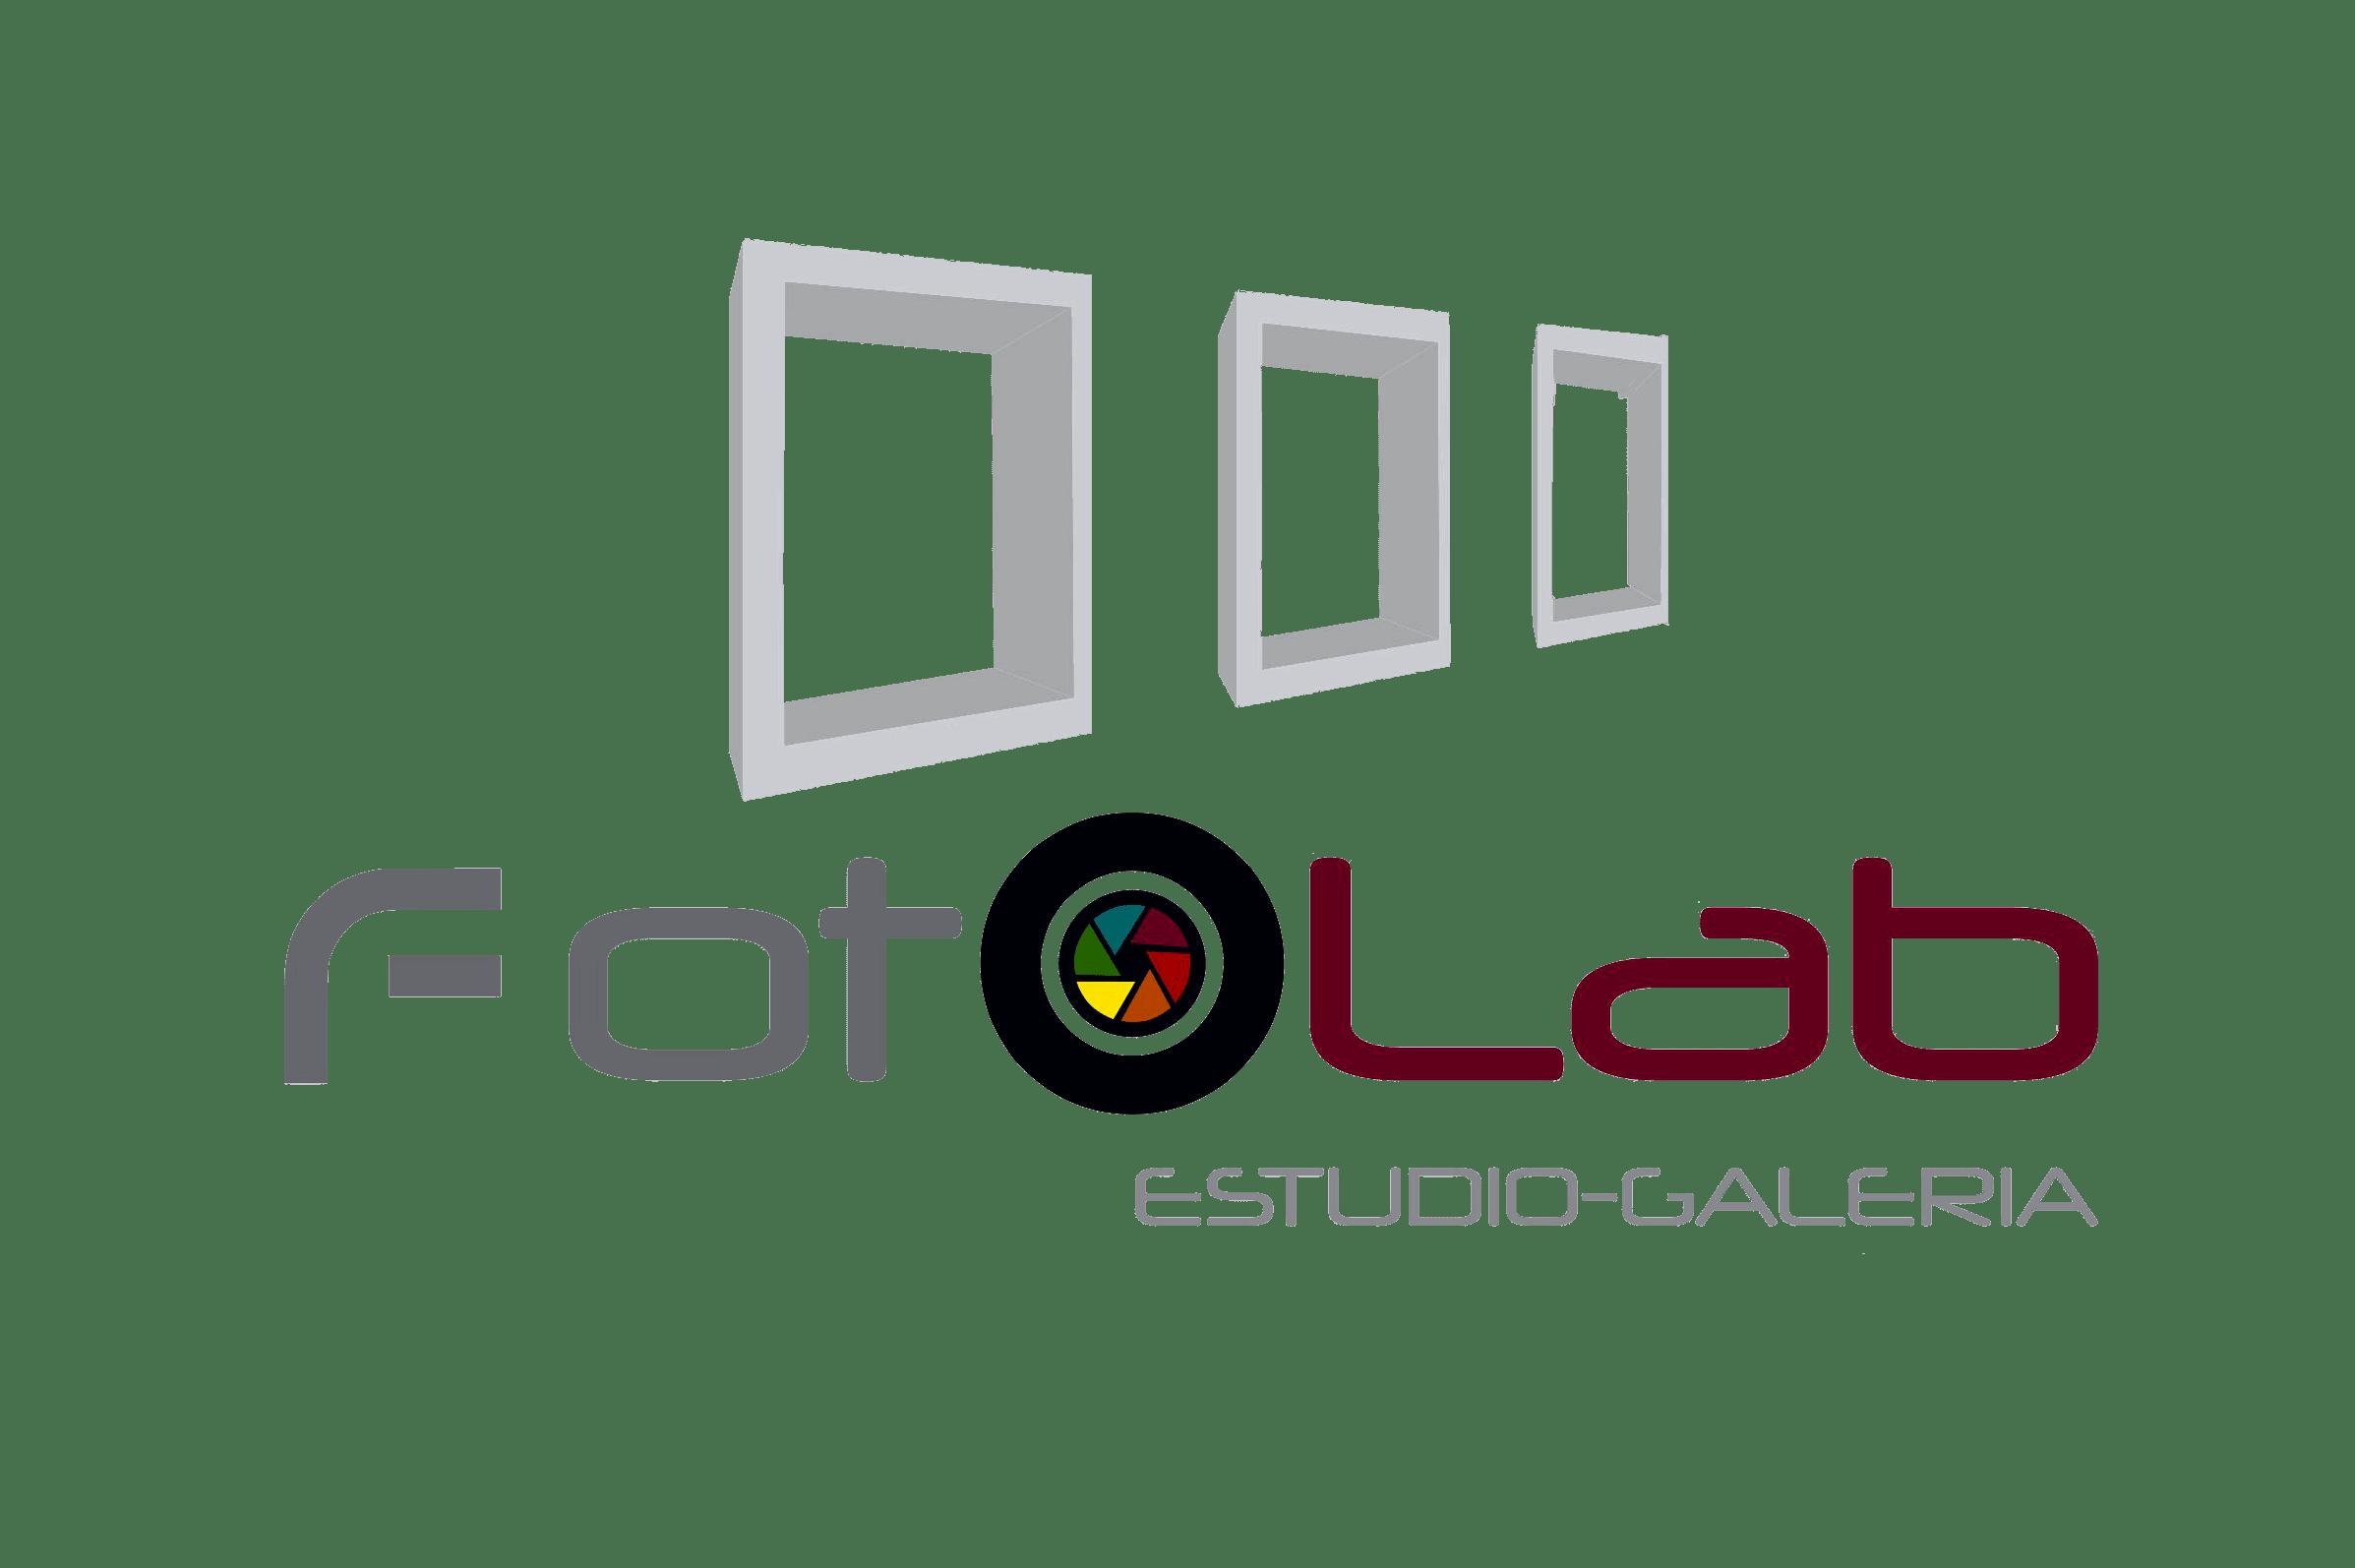 Fotolab Estudio Galeria